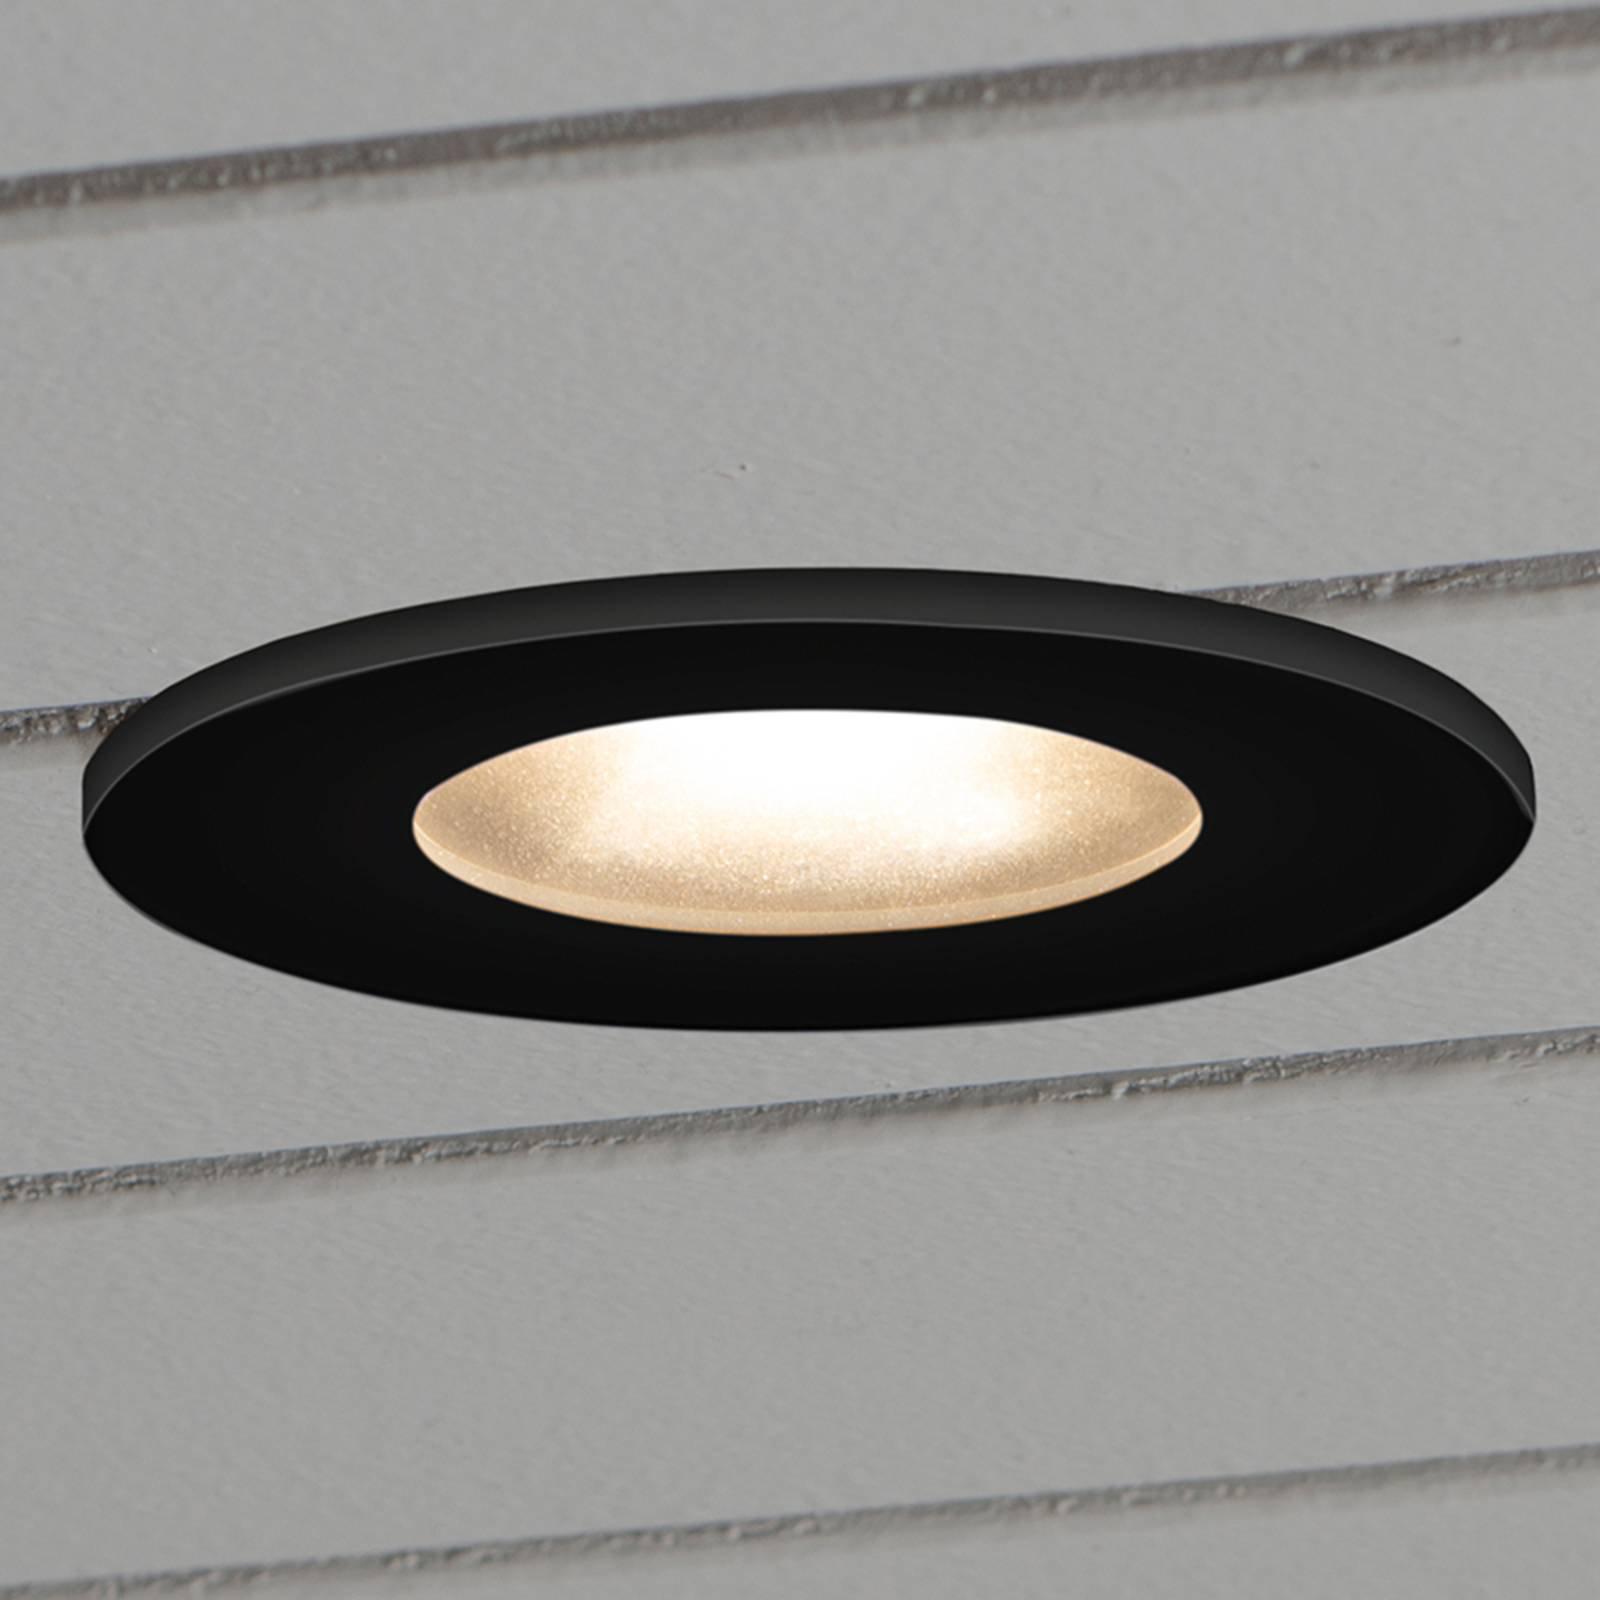 LED-downlight 7875 tak utendørs, svart